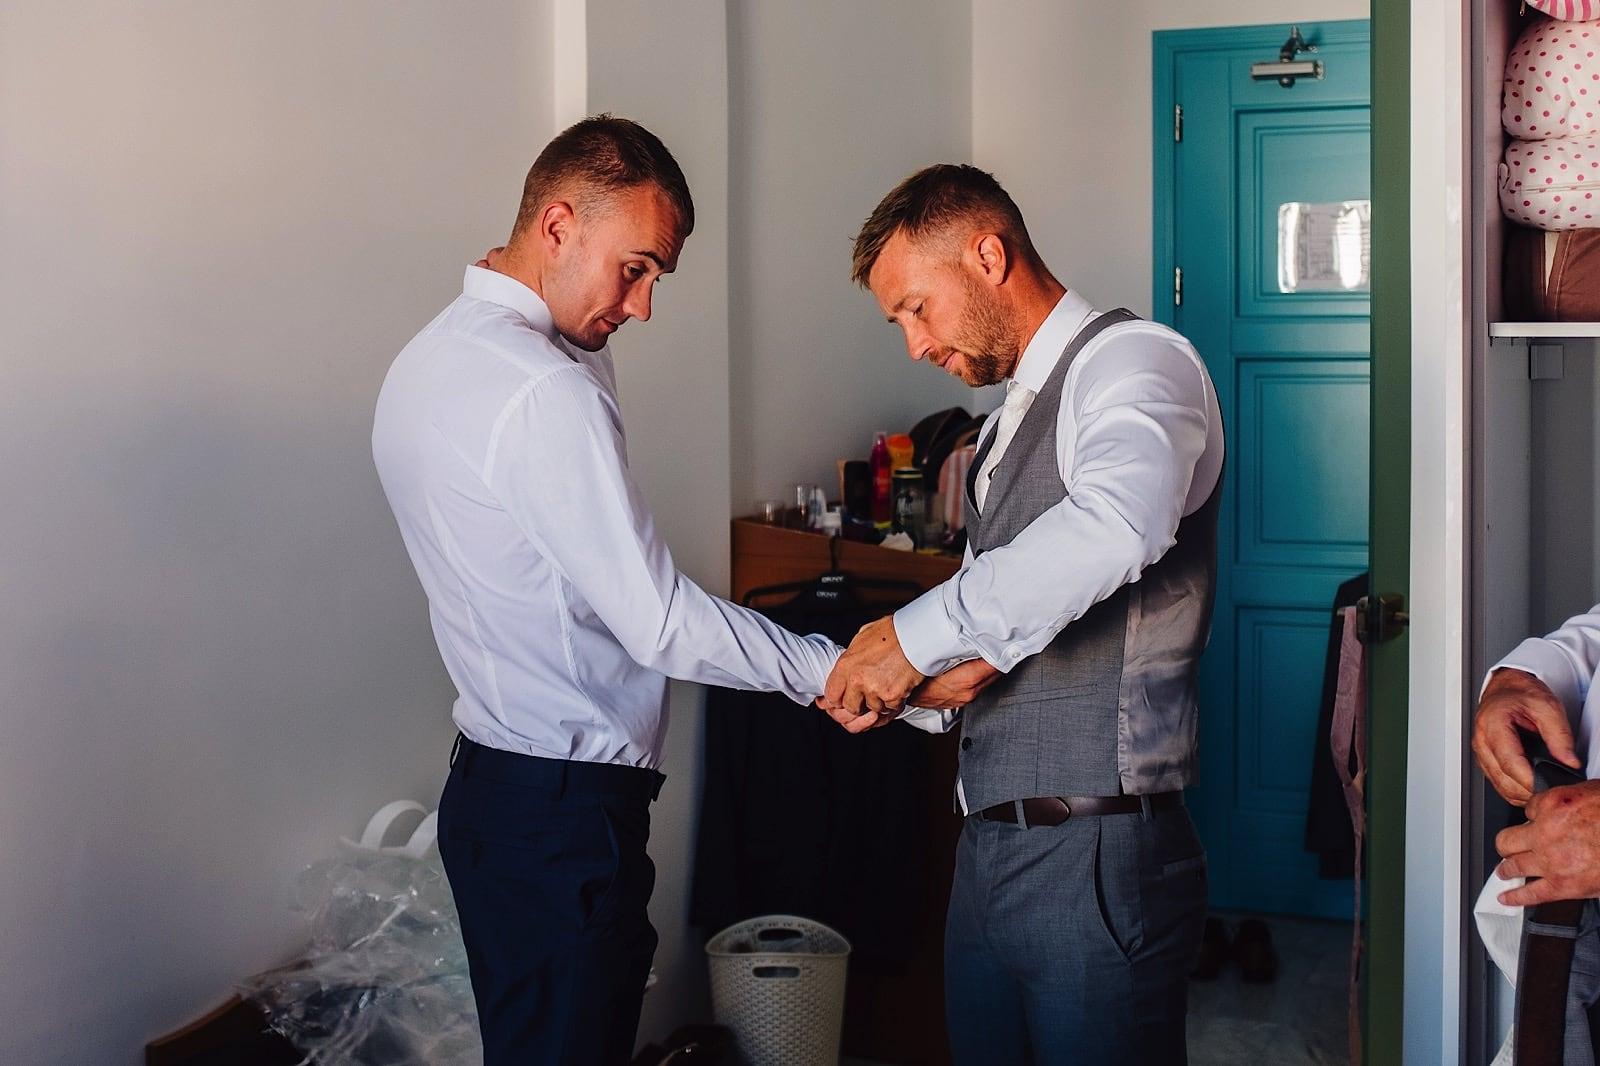 santorini-wedding-photographer-0016